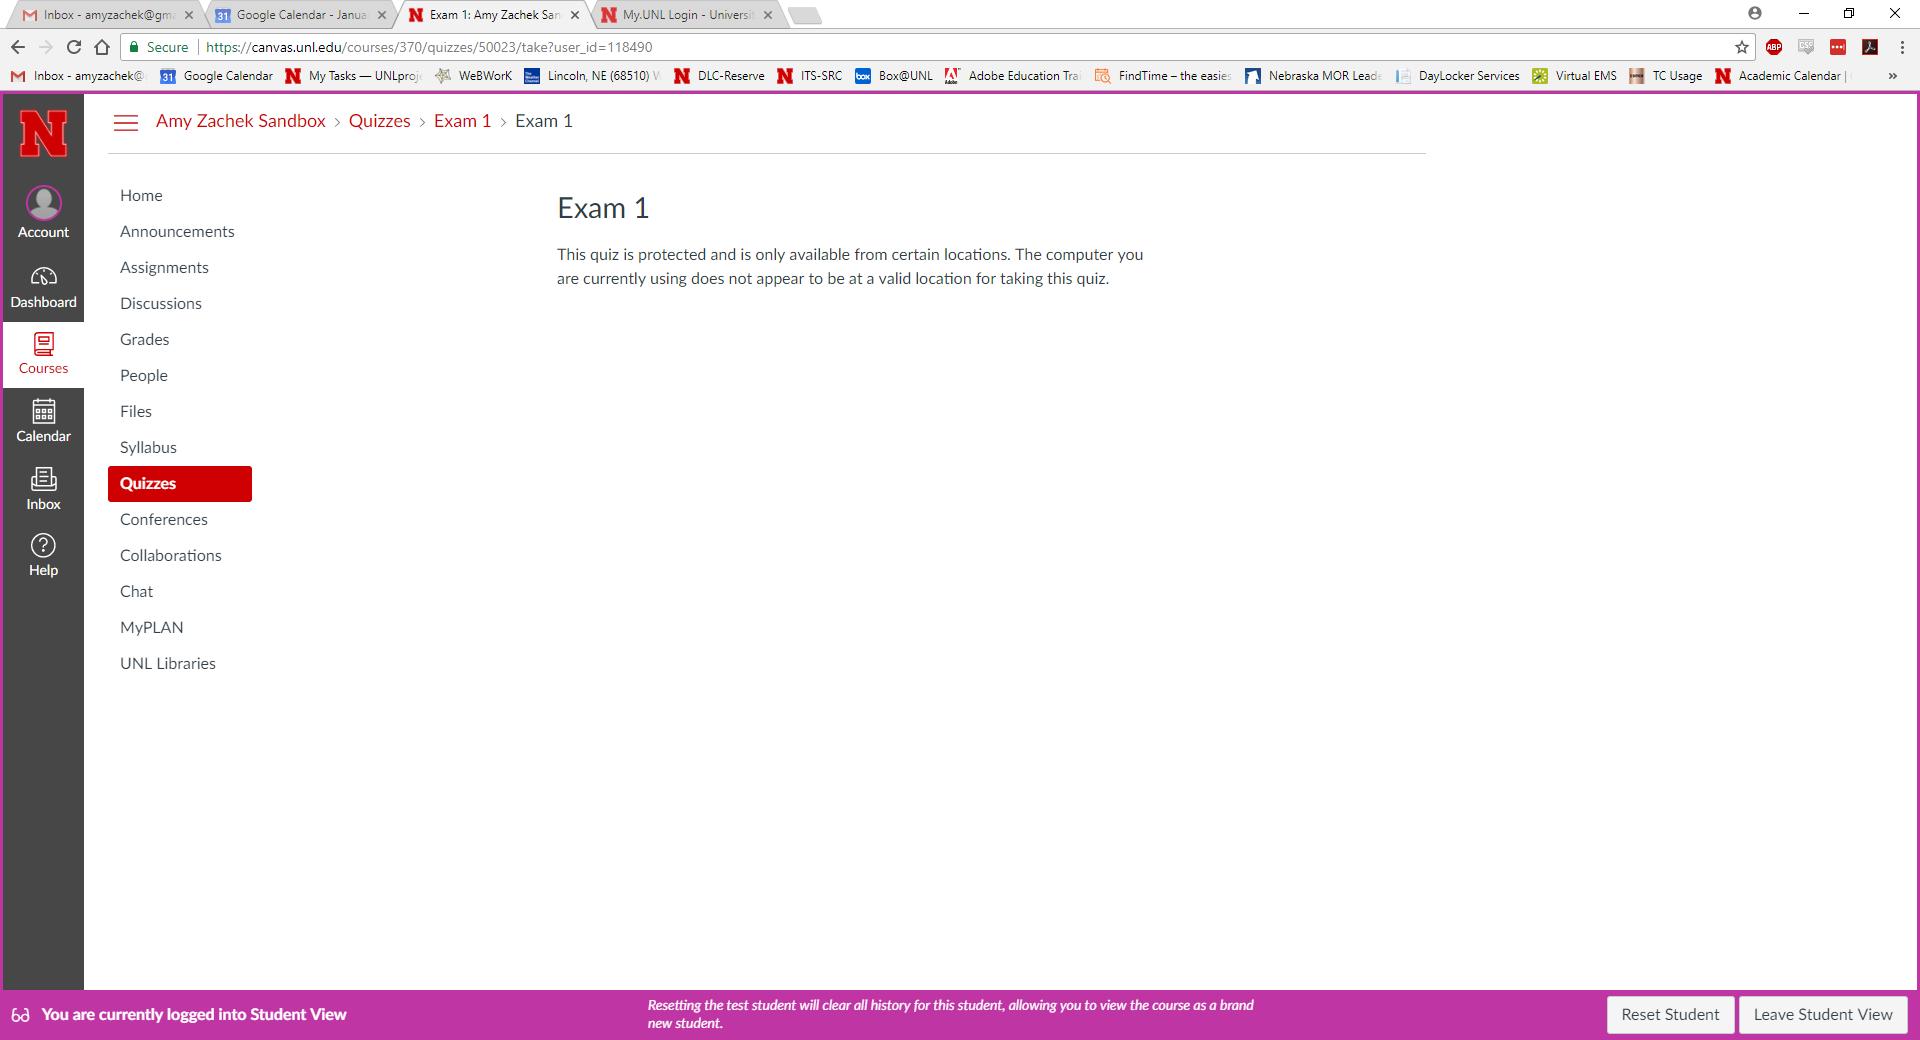 IP filter student error message screen capture